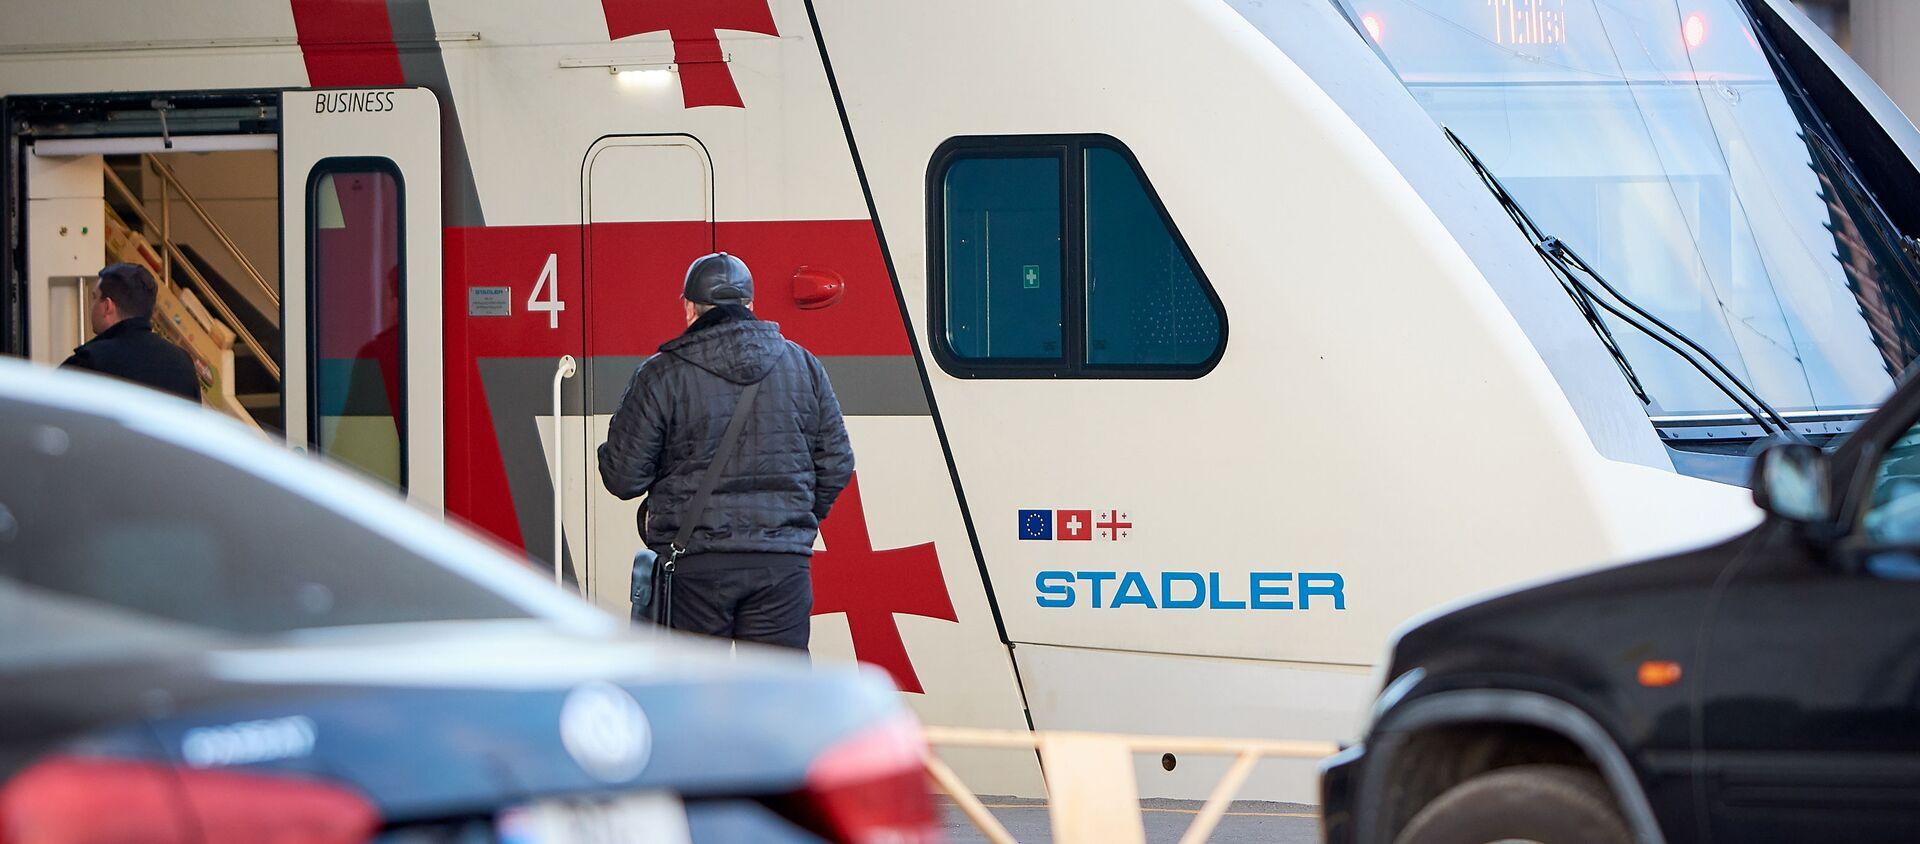 Двухэтажный пассажирский поезд Stadler выполняет рейс Тбилиси - Батуми - Sputnik Грузия, 1920, 12.03.2021